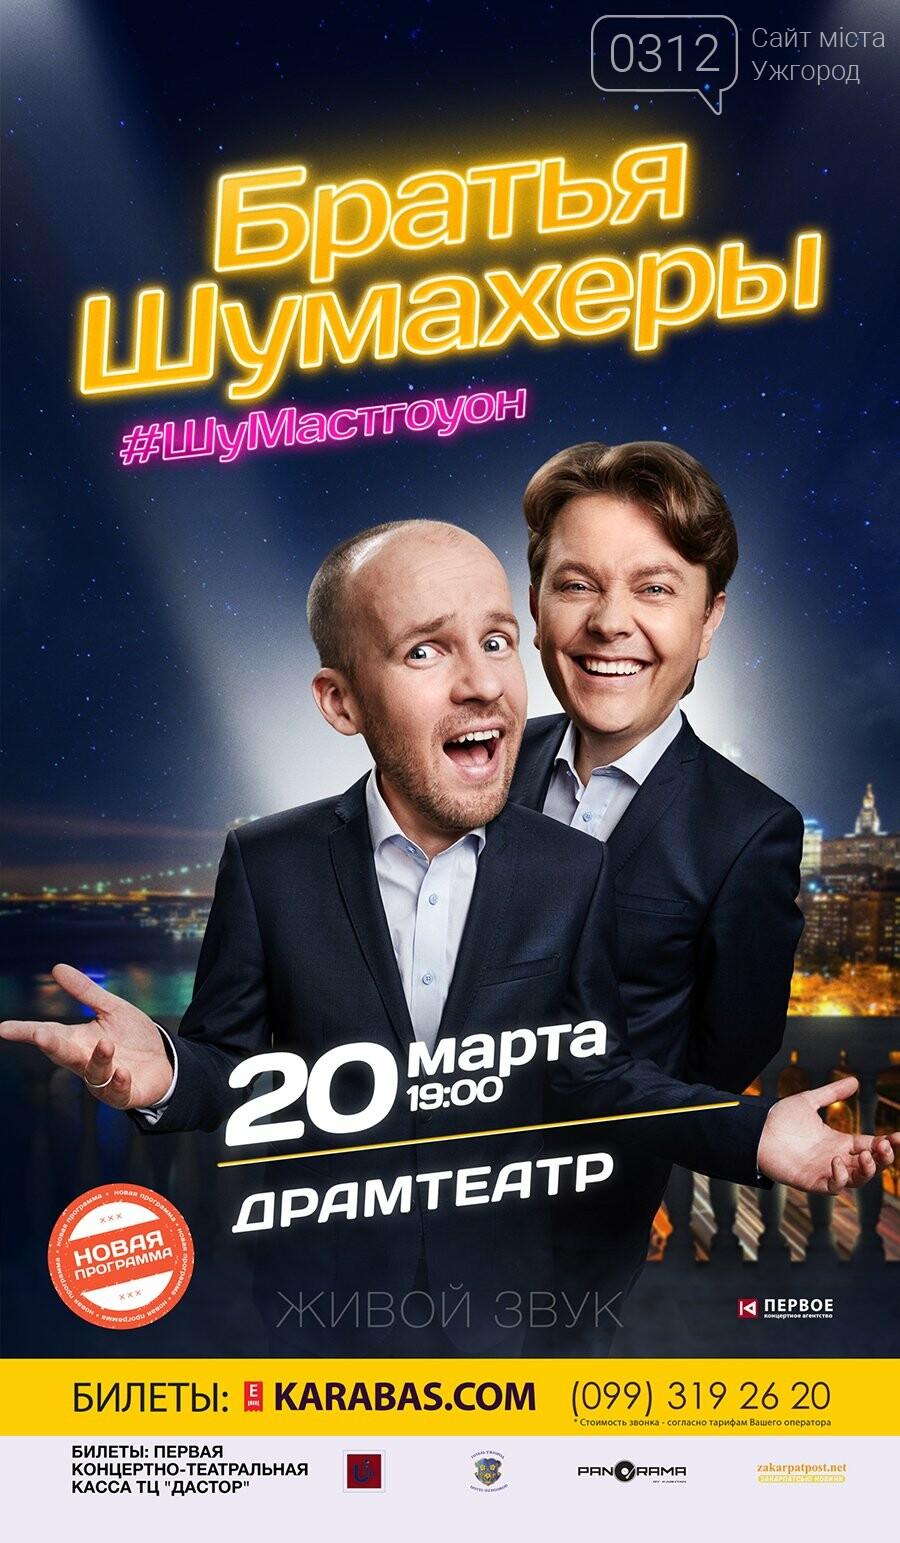 ТОП-10 цікавих заходів в Ужгороді у березні, фото-7